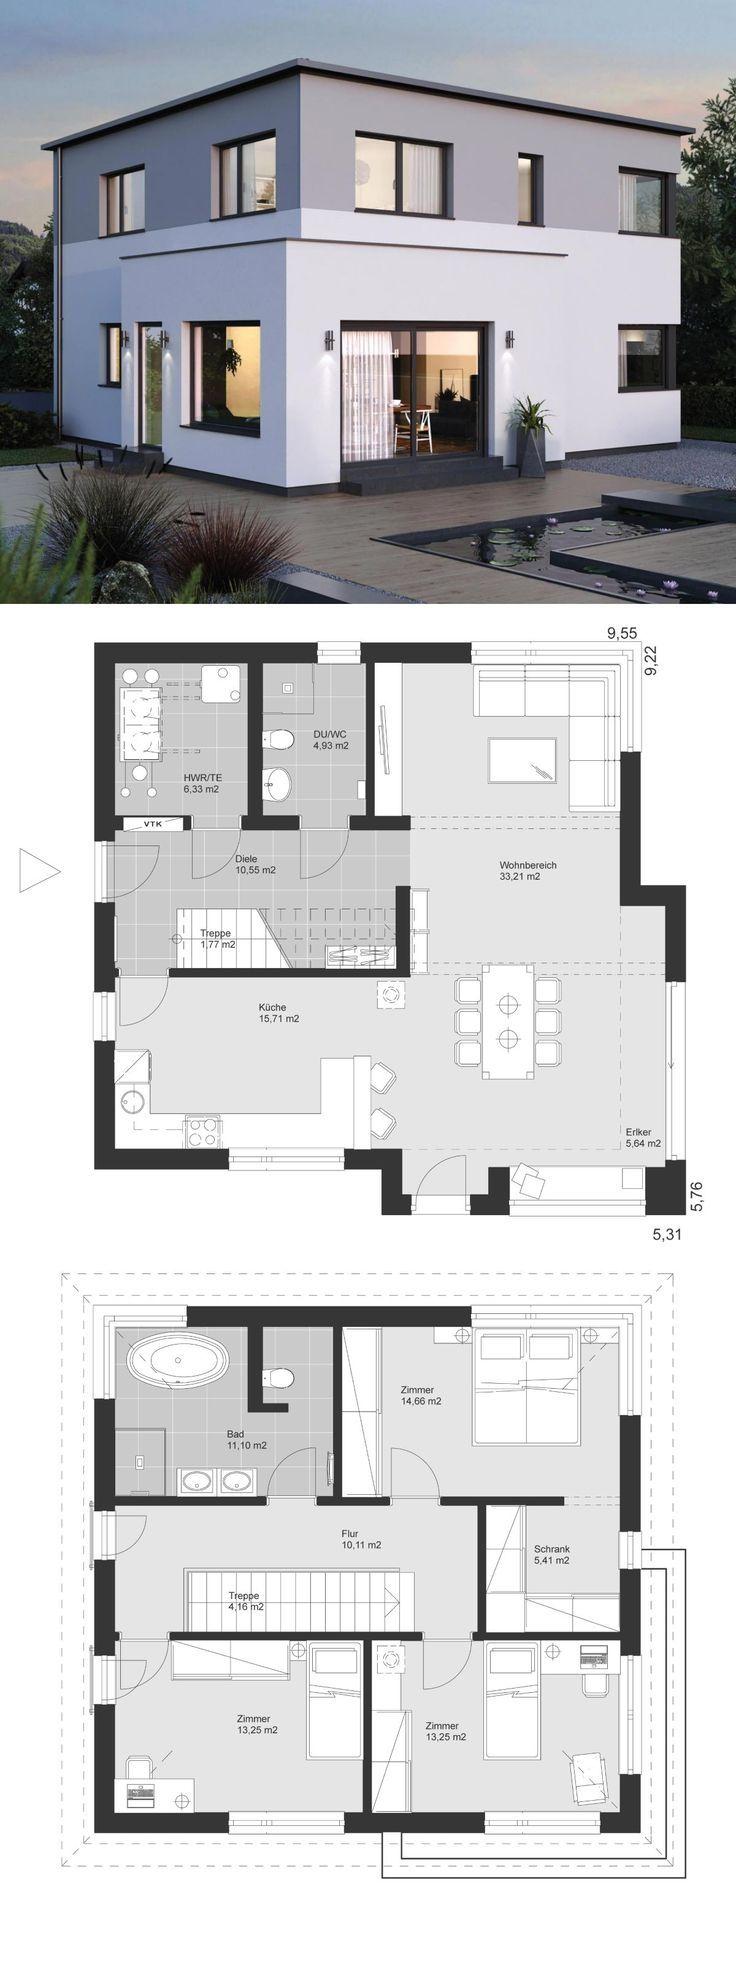 Neubau Stadtvilla modern Grundriss mit Flachdach Architektur, Erker Anbau & Trep…